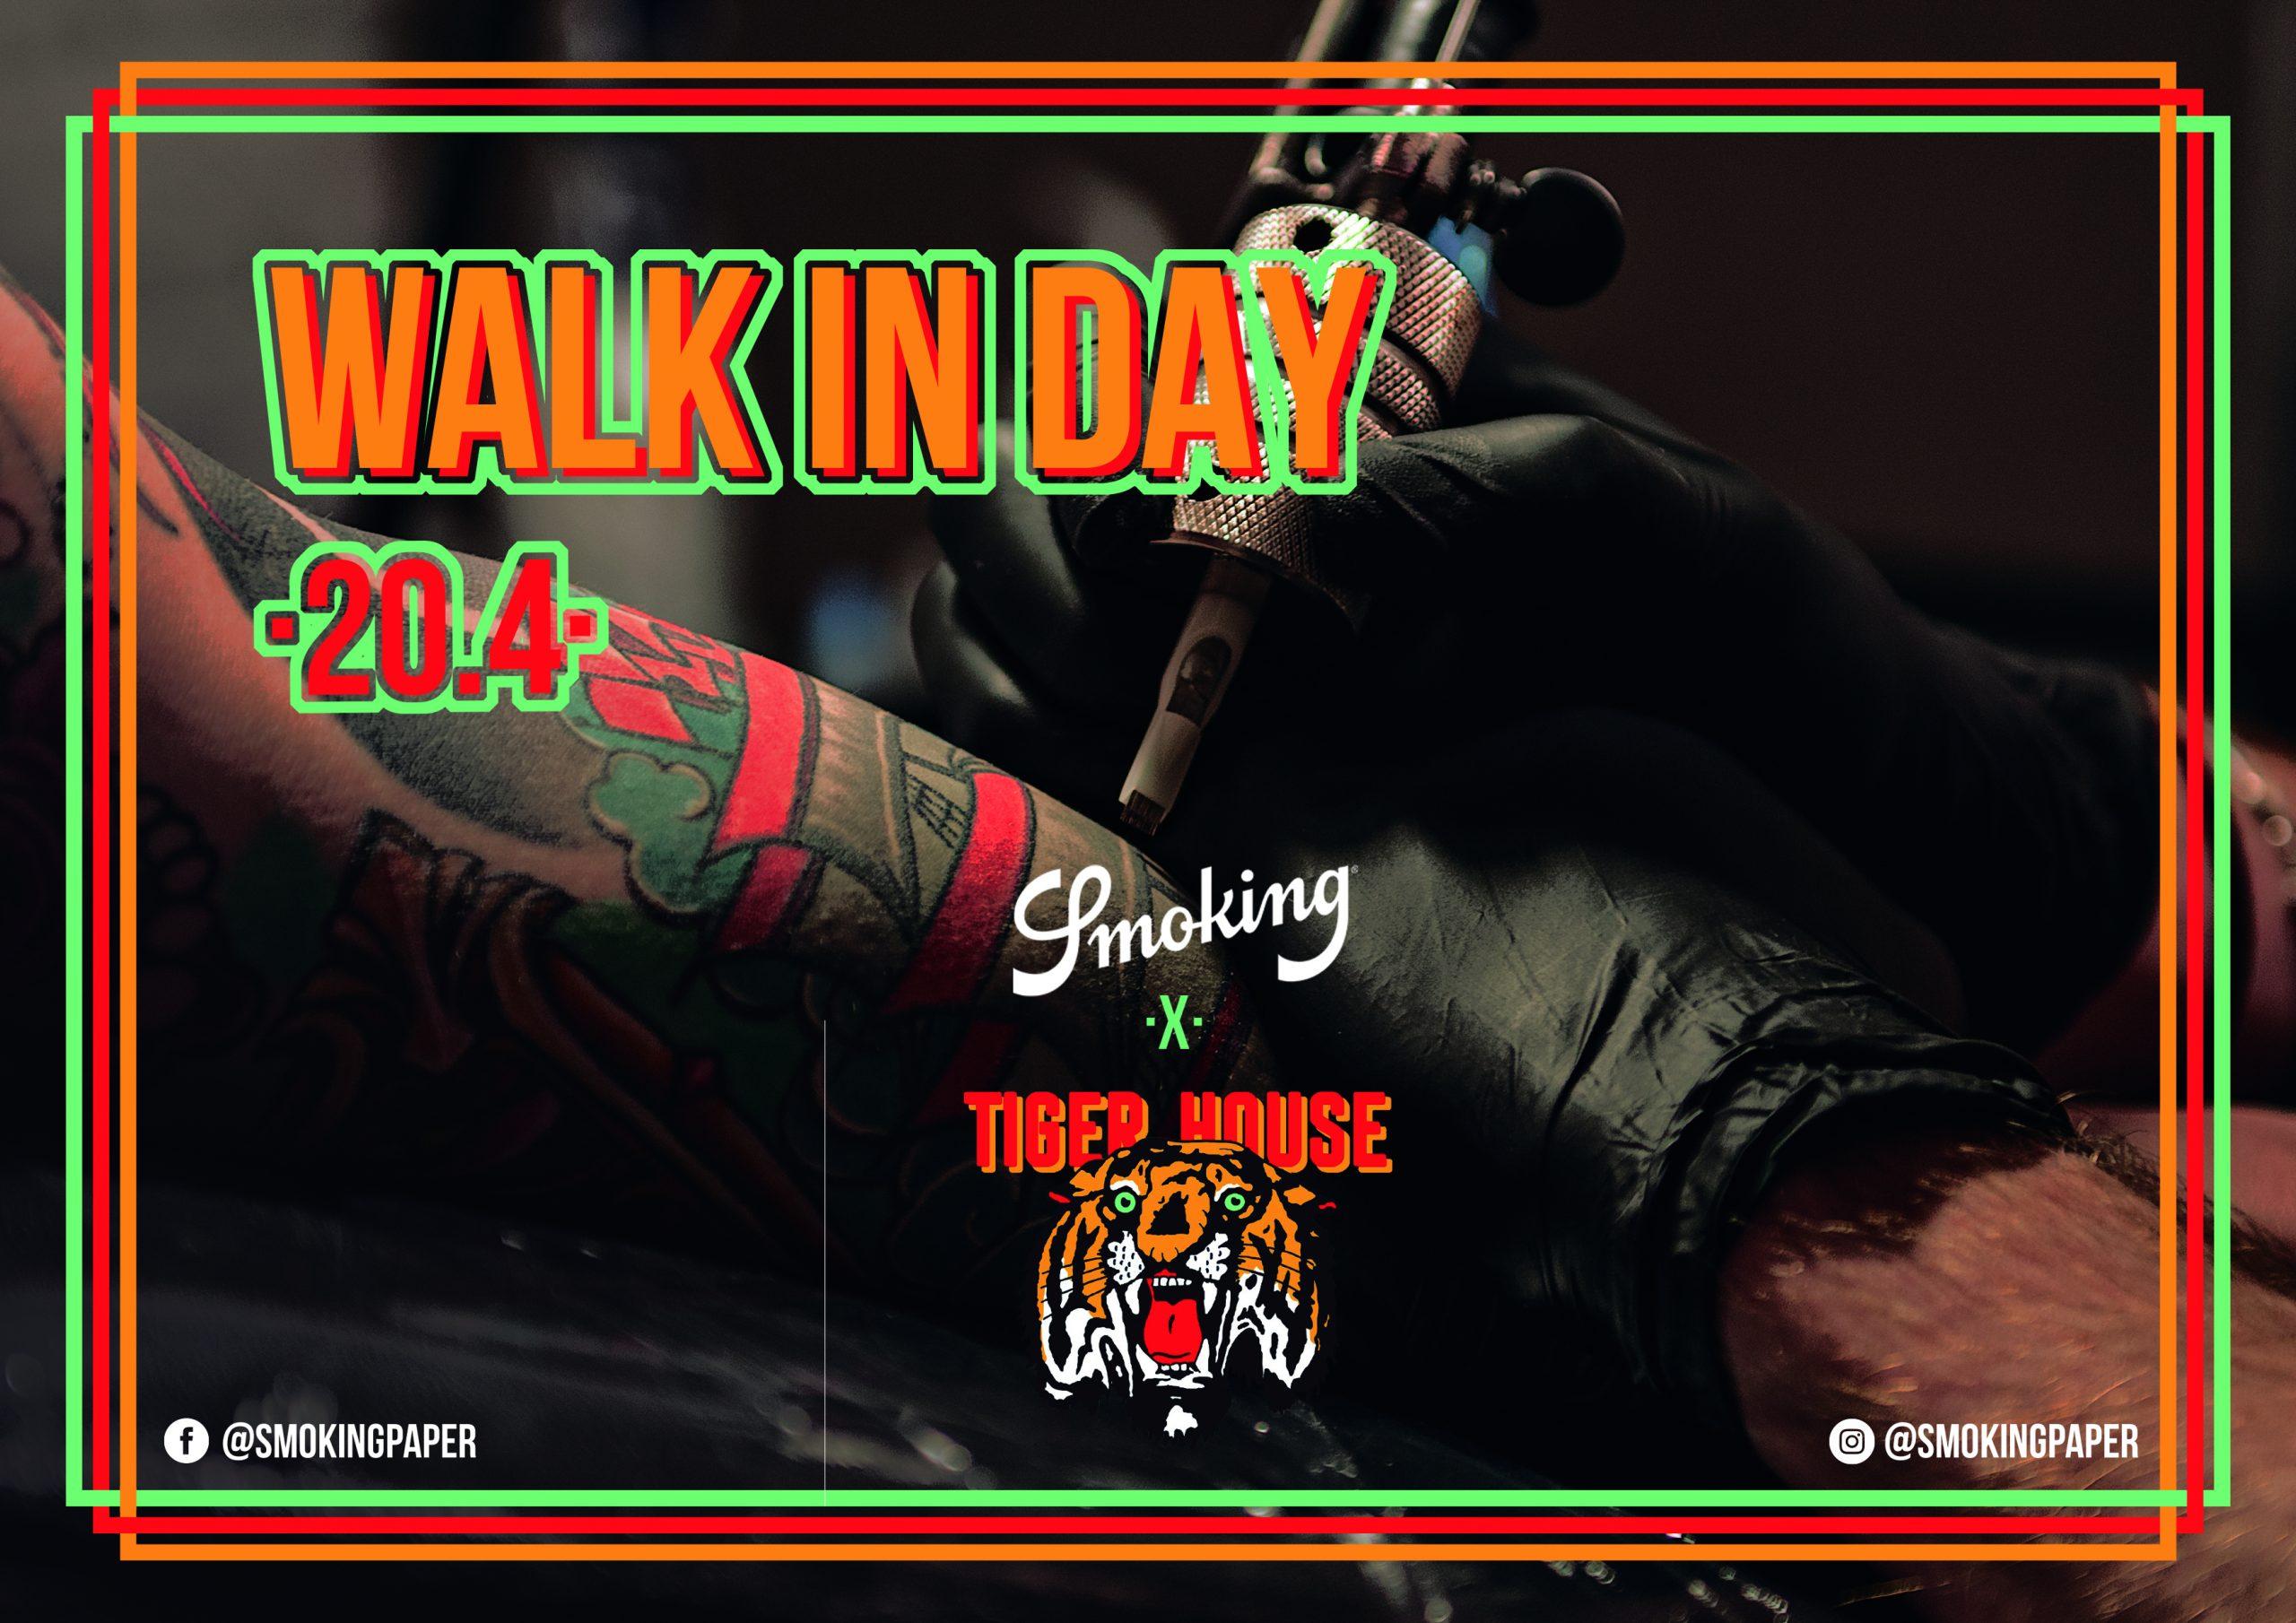 Walk-in Day Tattoos im elektrischen Tiger House Tattoo Studio.